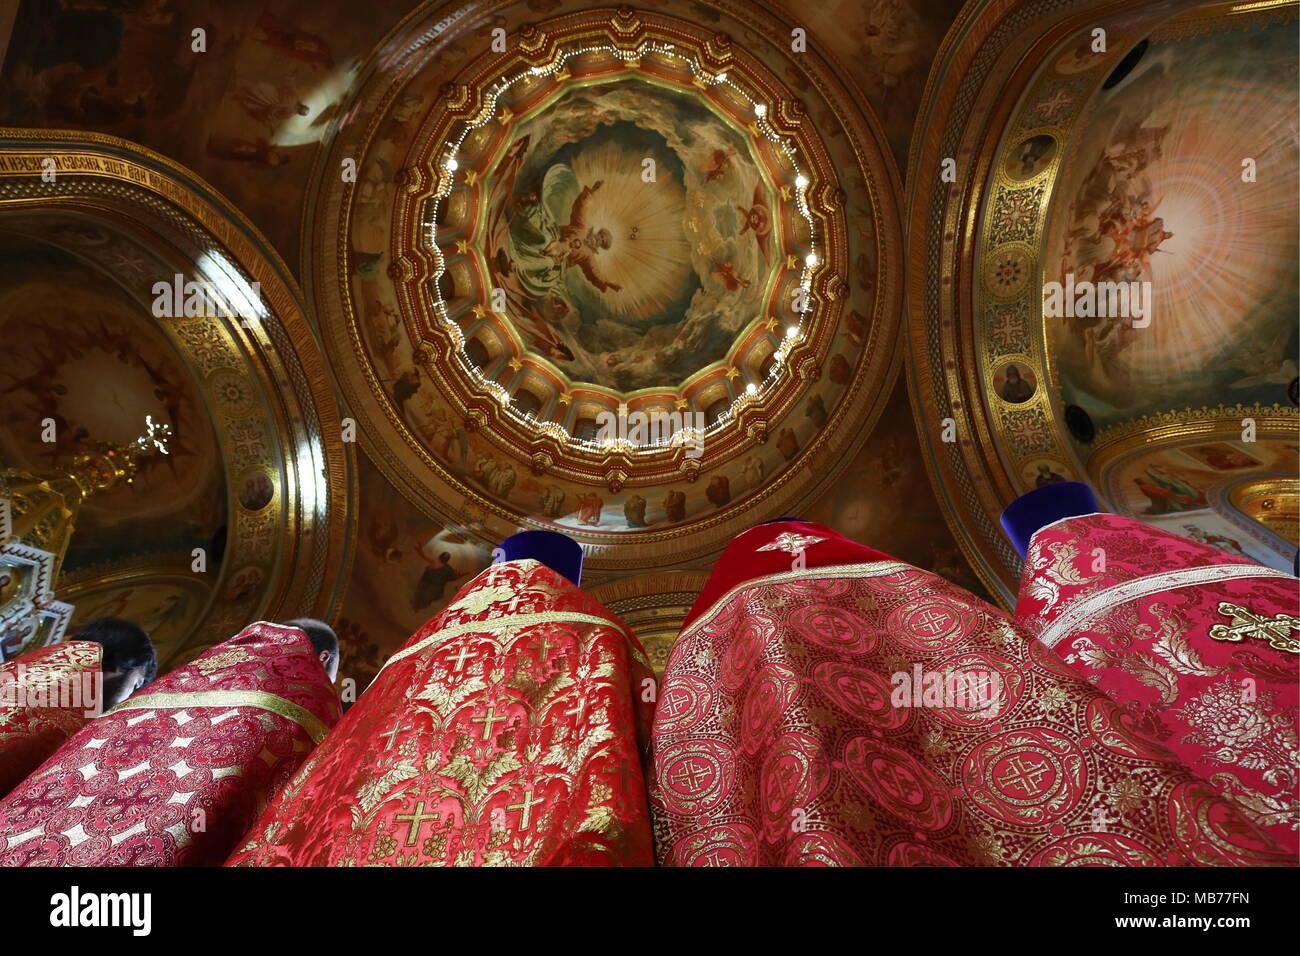 Il Calendario Giuliano.Mosca Russia 08 Apr 2018 Mosca Russia Aprile 8 2018